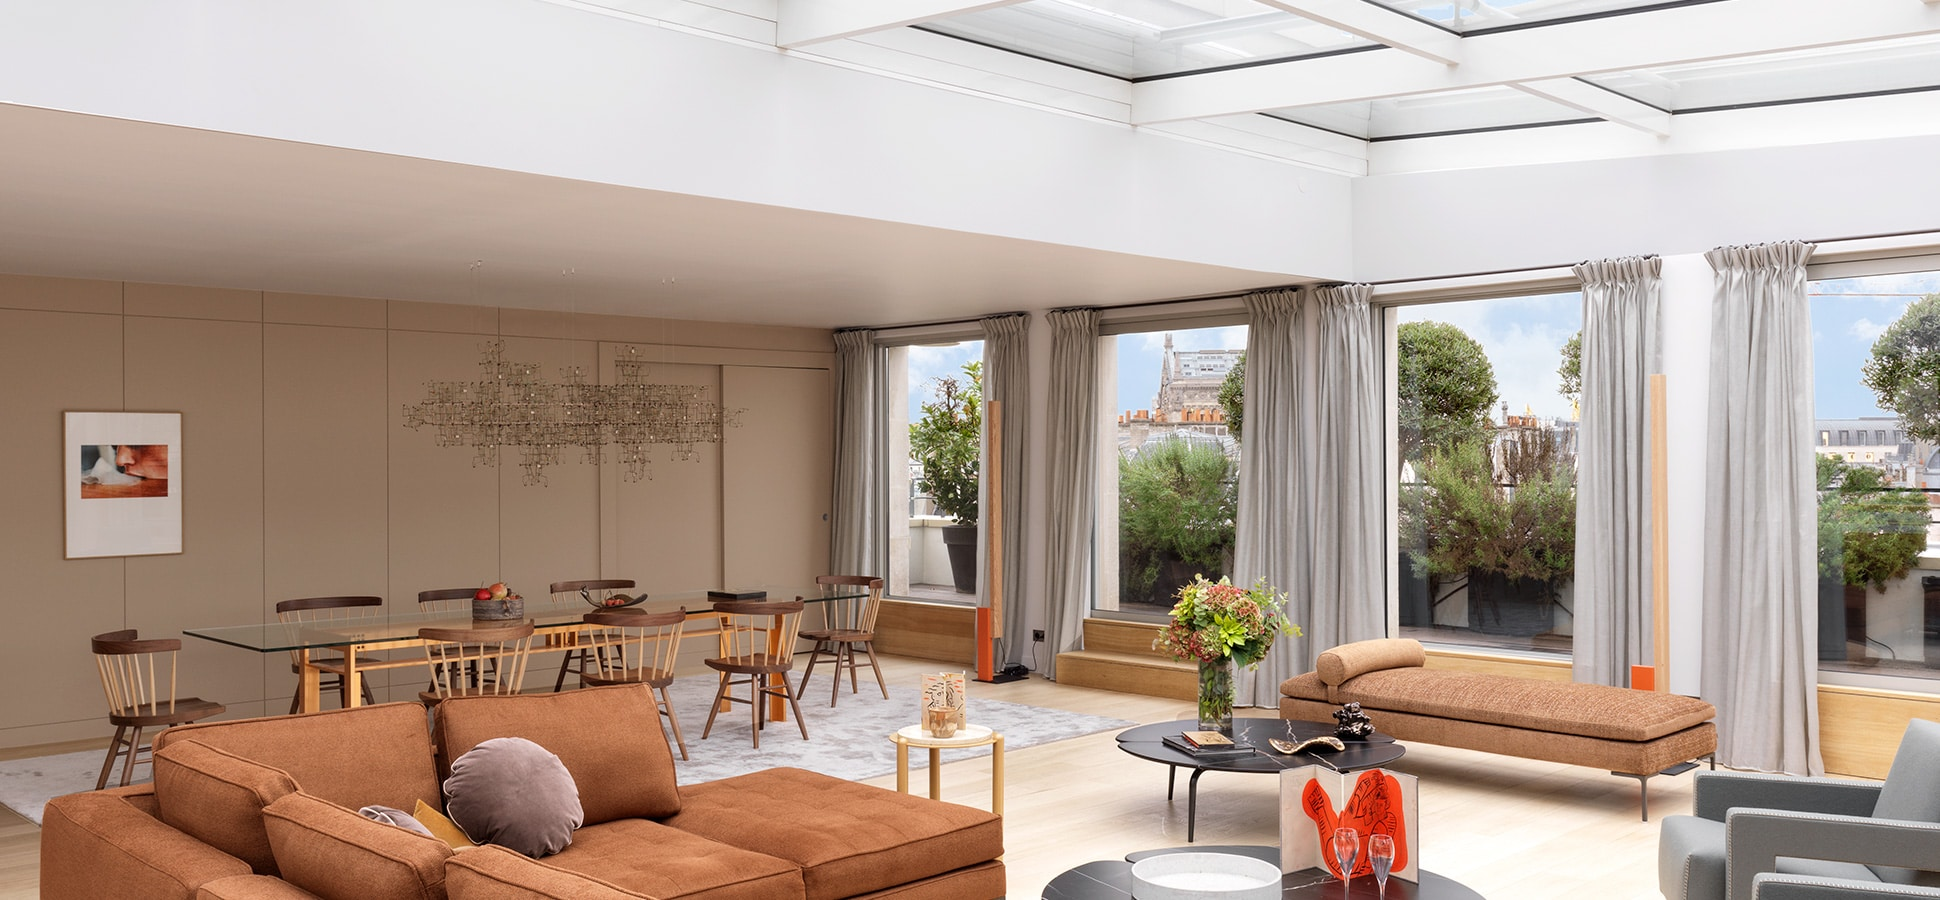 L'Hotel de Pourtalès , une des références en communciation du luxe d'Harmonia luxus